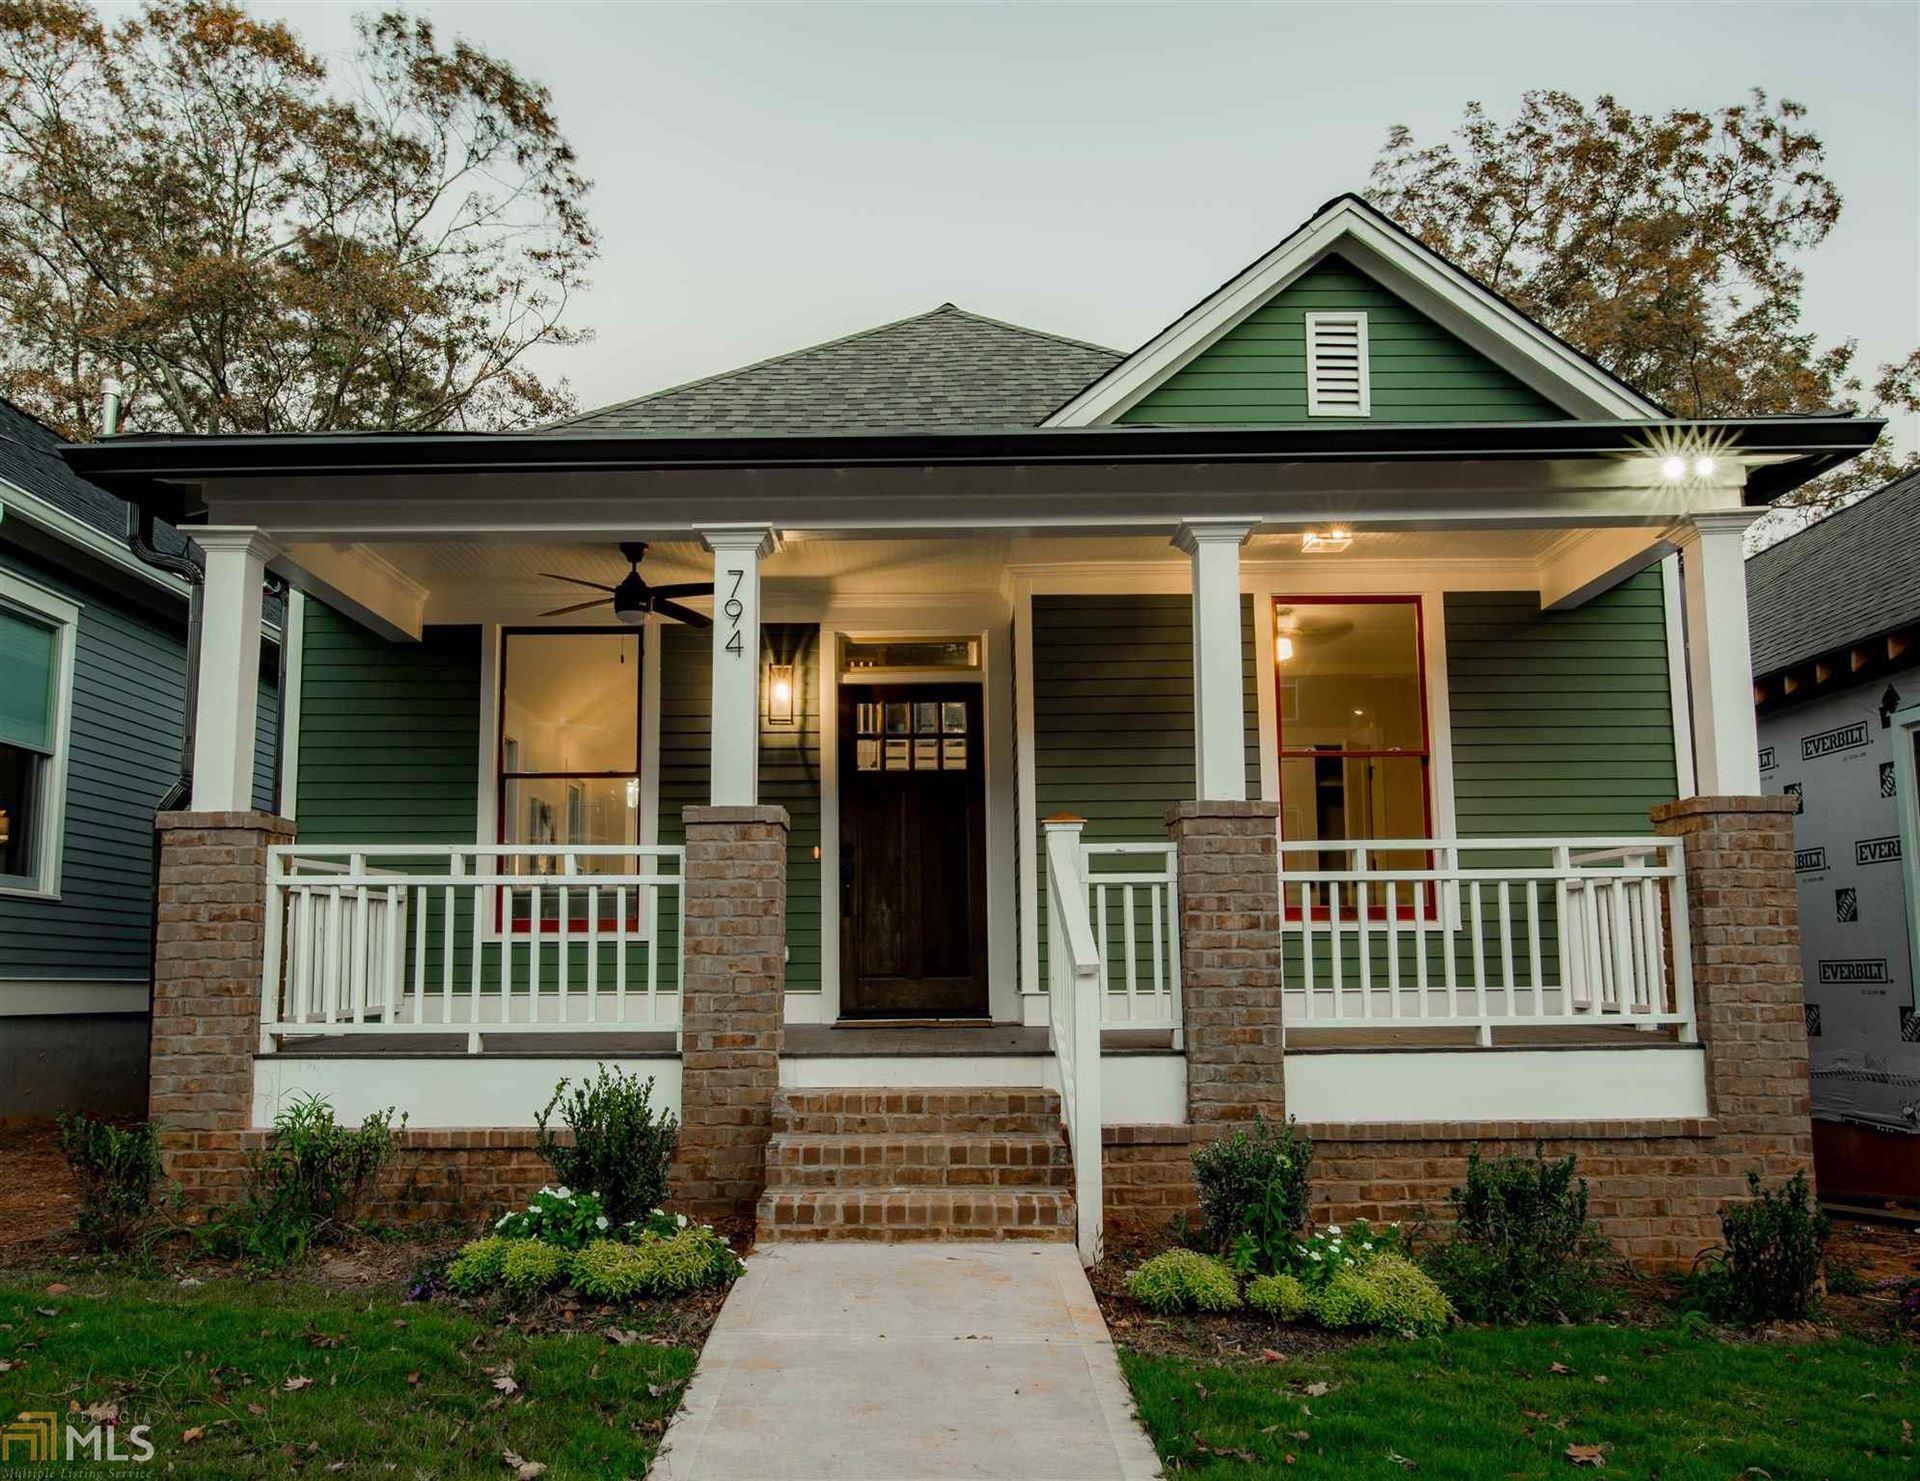 794 Lowndes St, Atlanta, GA 30310 - MLS#: 8893073